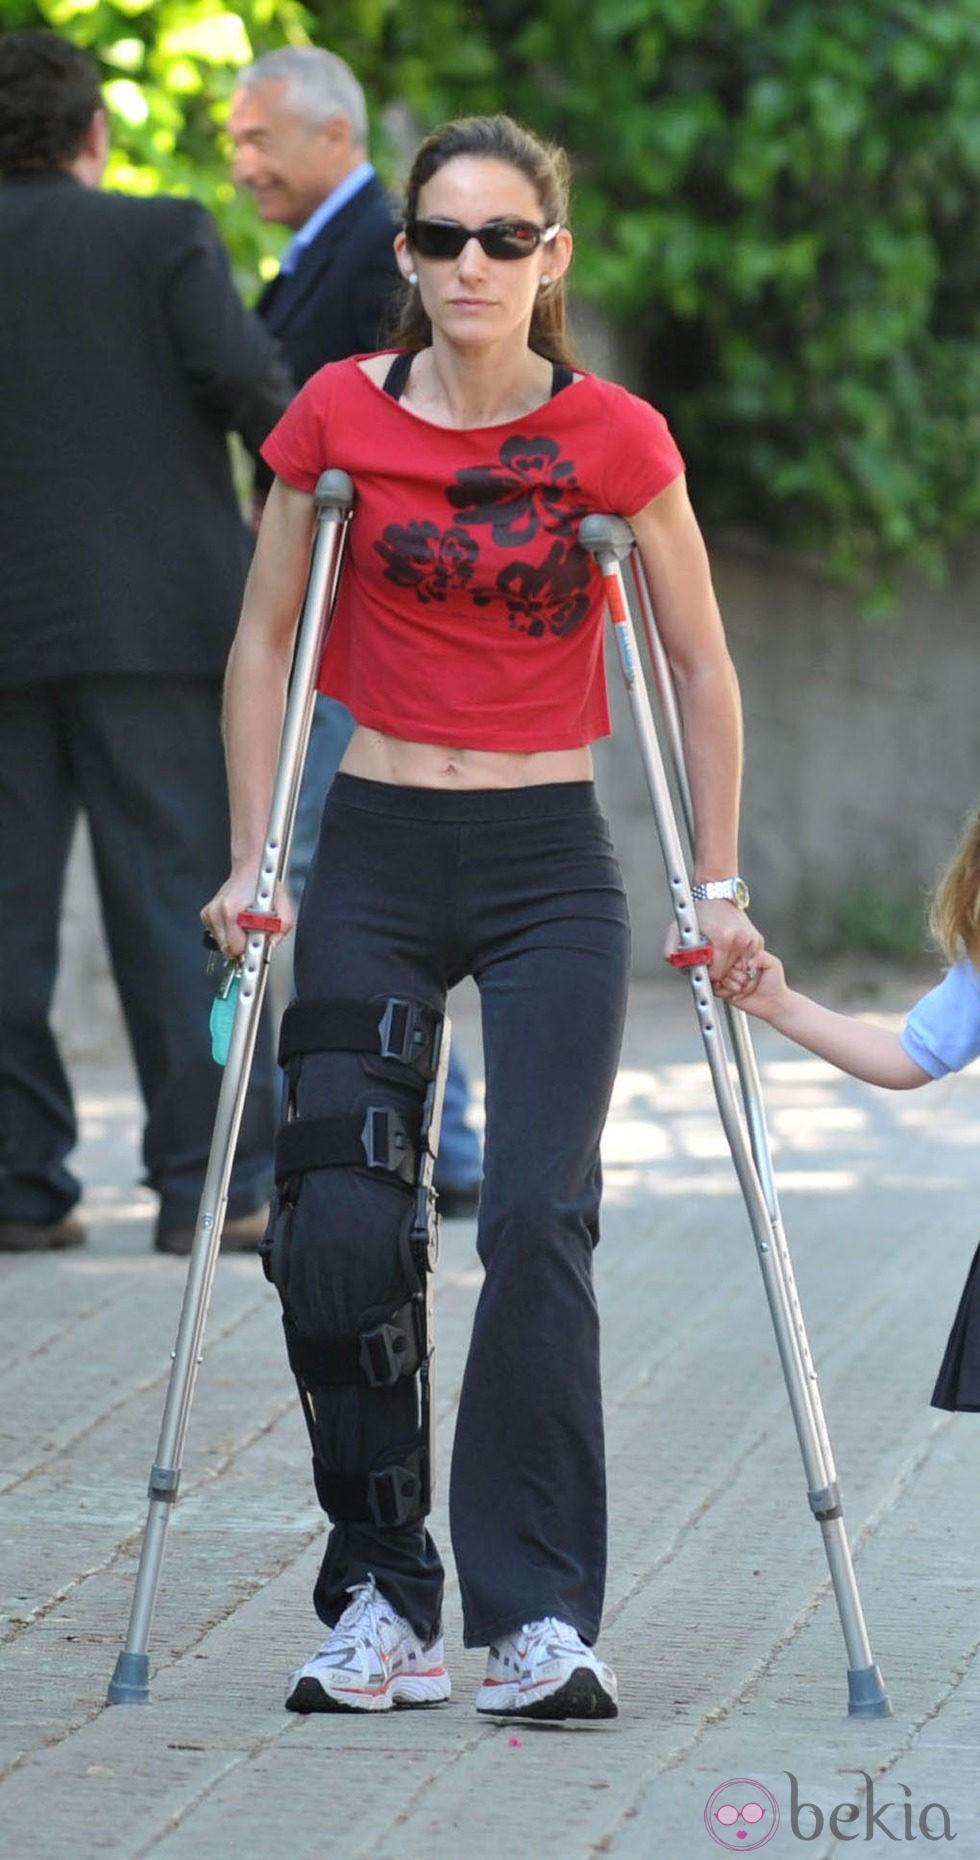 Telma Ortiz en muletas por Barcelona tras sufrir un accidente esquiando